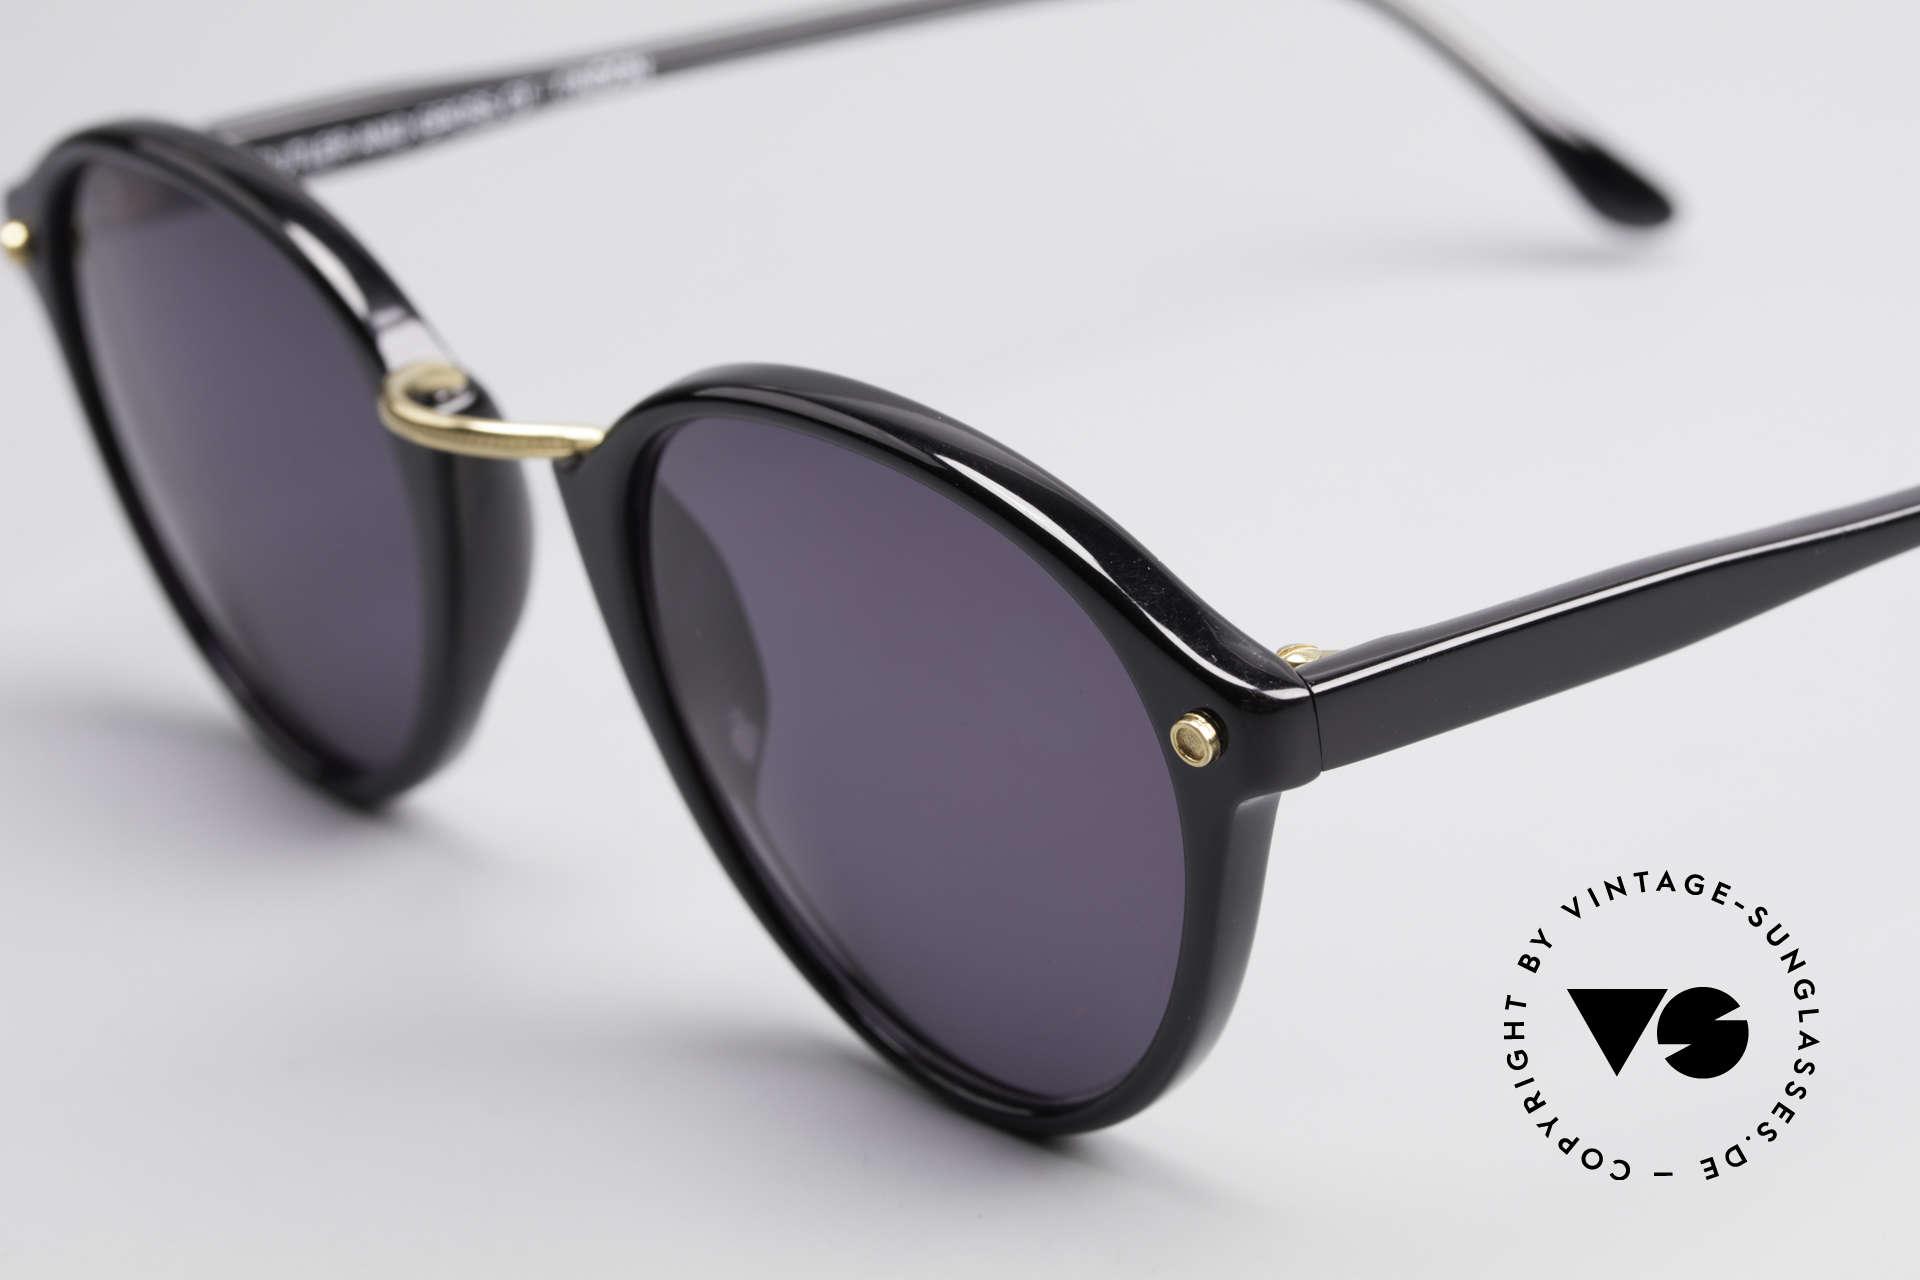 Cutler And Gross 0249 Panto Sonnenbrille Vintage, Materialien und deren Verarbeitung auf Spitzen-Niveau, Passend für Herren und Damen